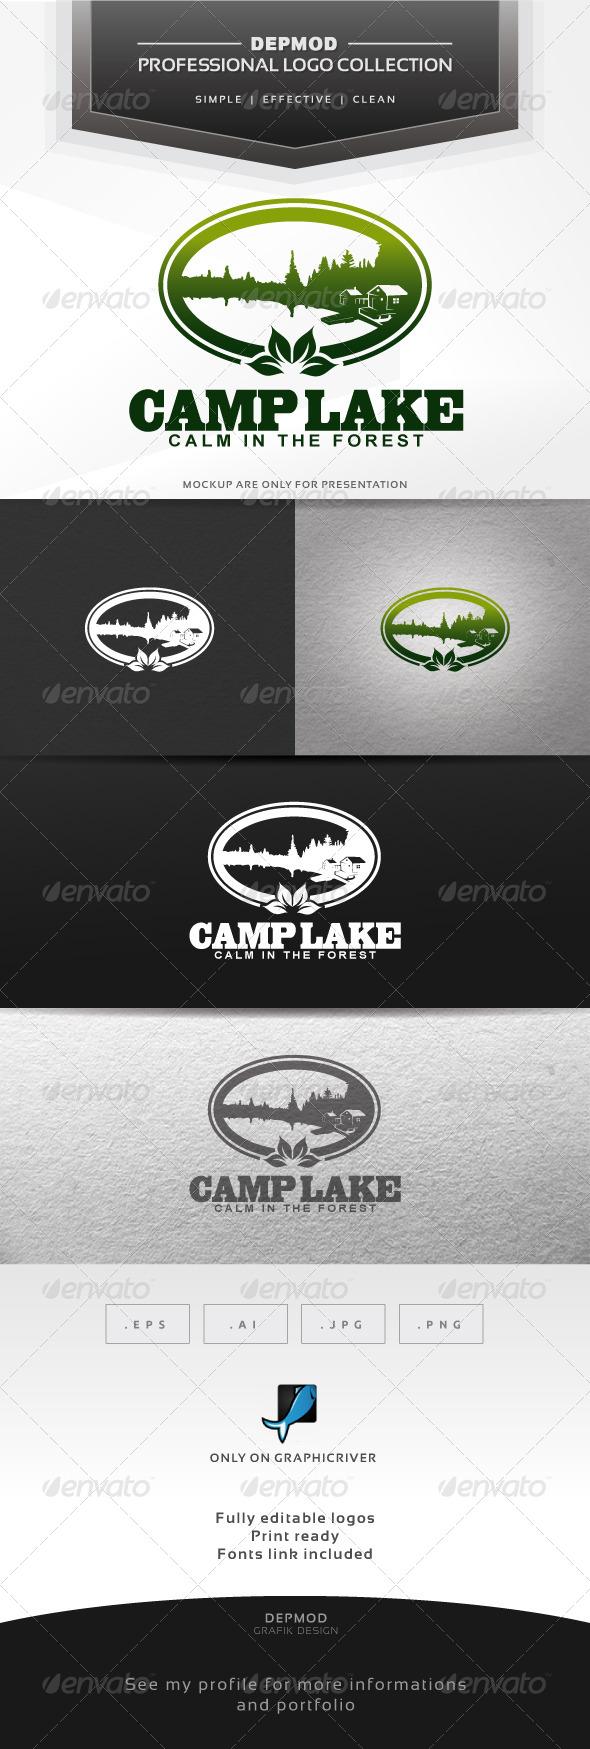 Camp Lake Logo